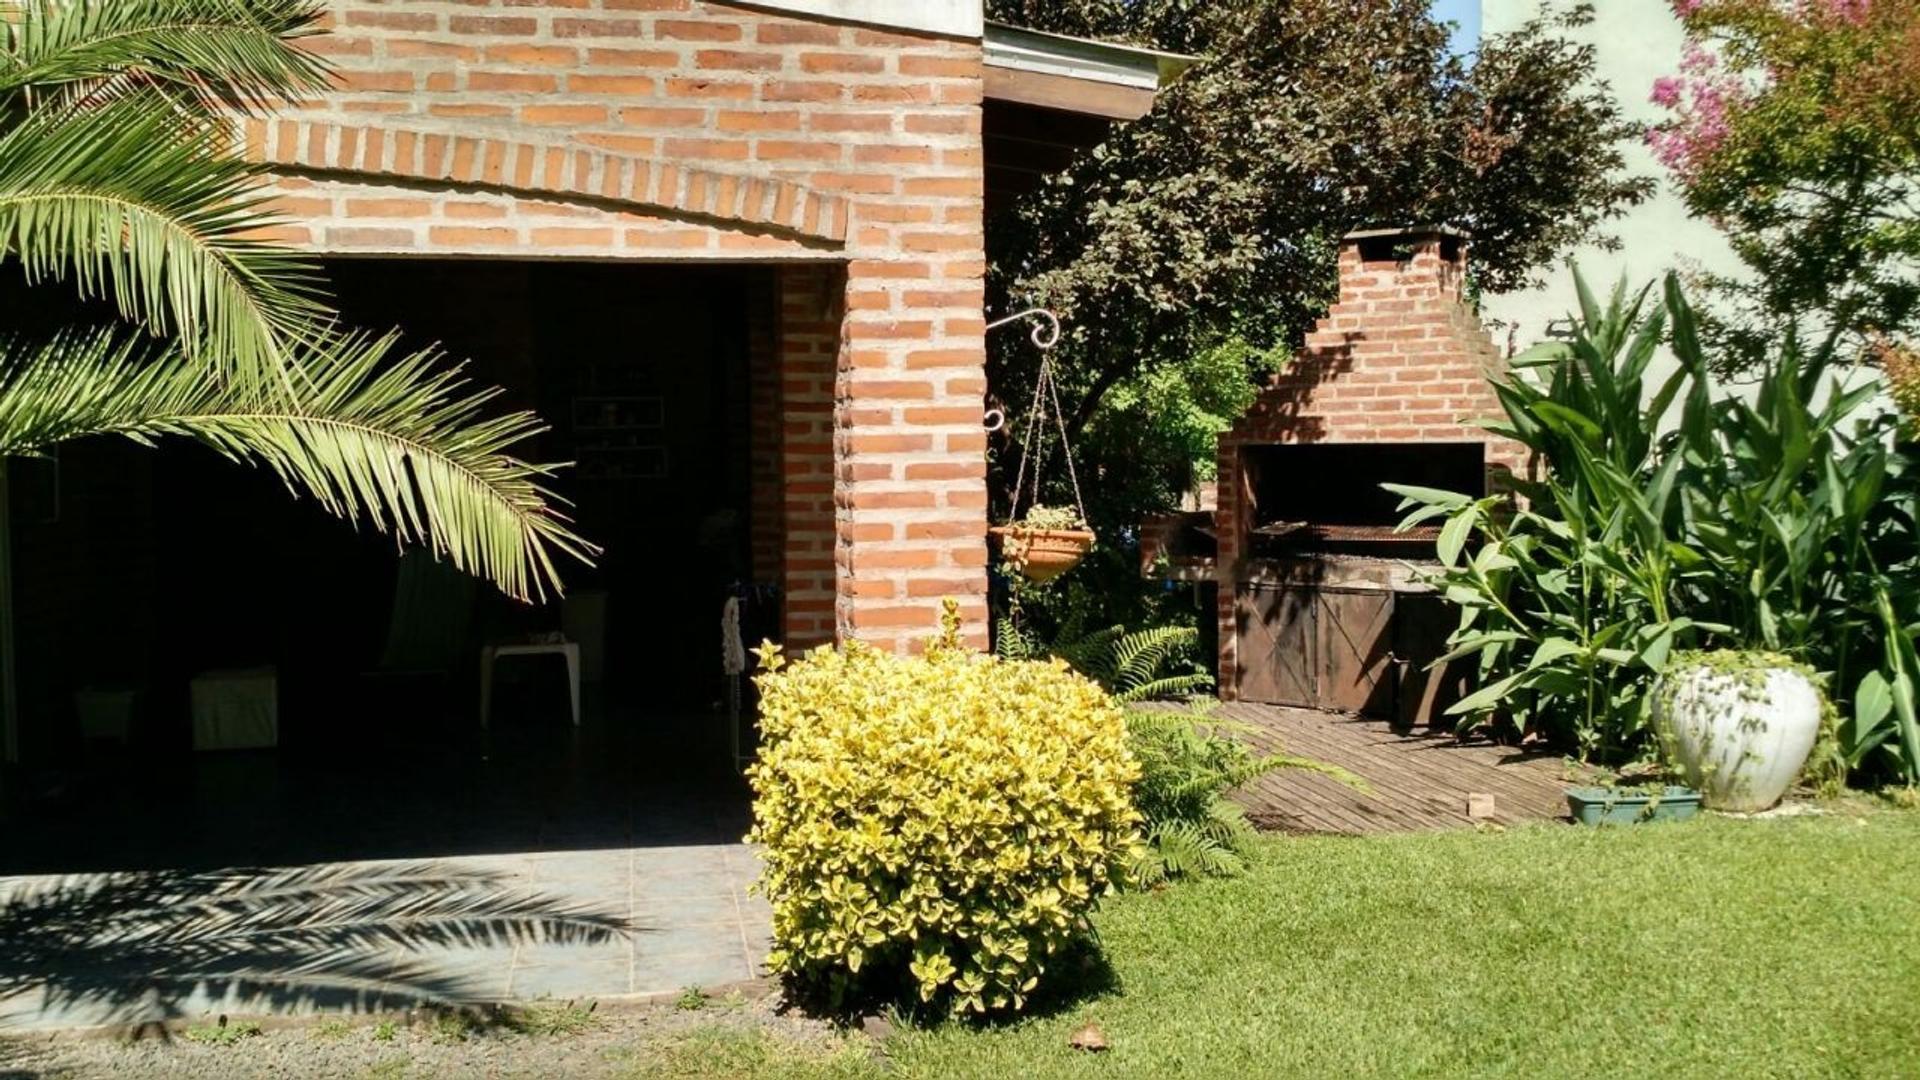 Casa - Venta - Argentina, Moreno - LA SANTA MARIA 2093